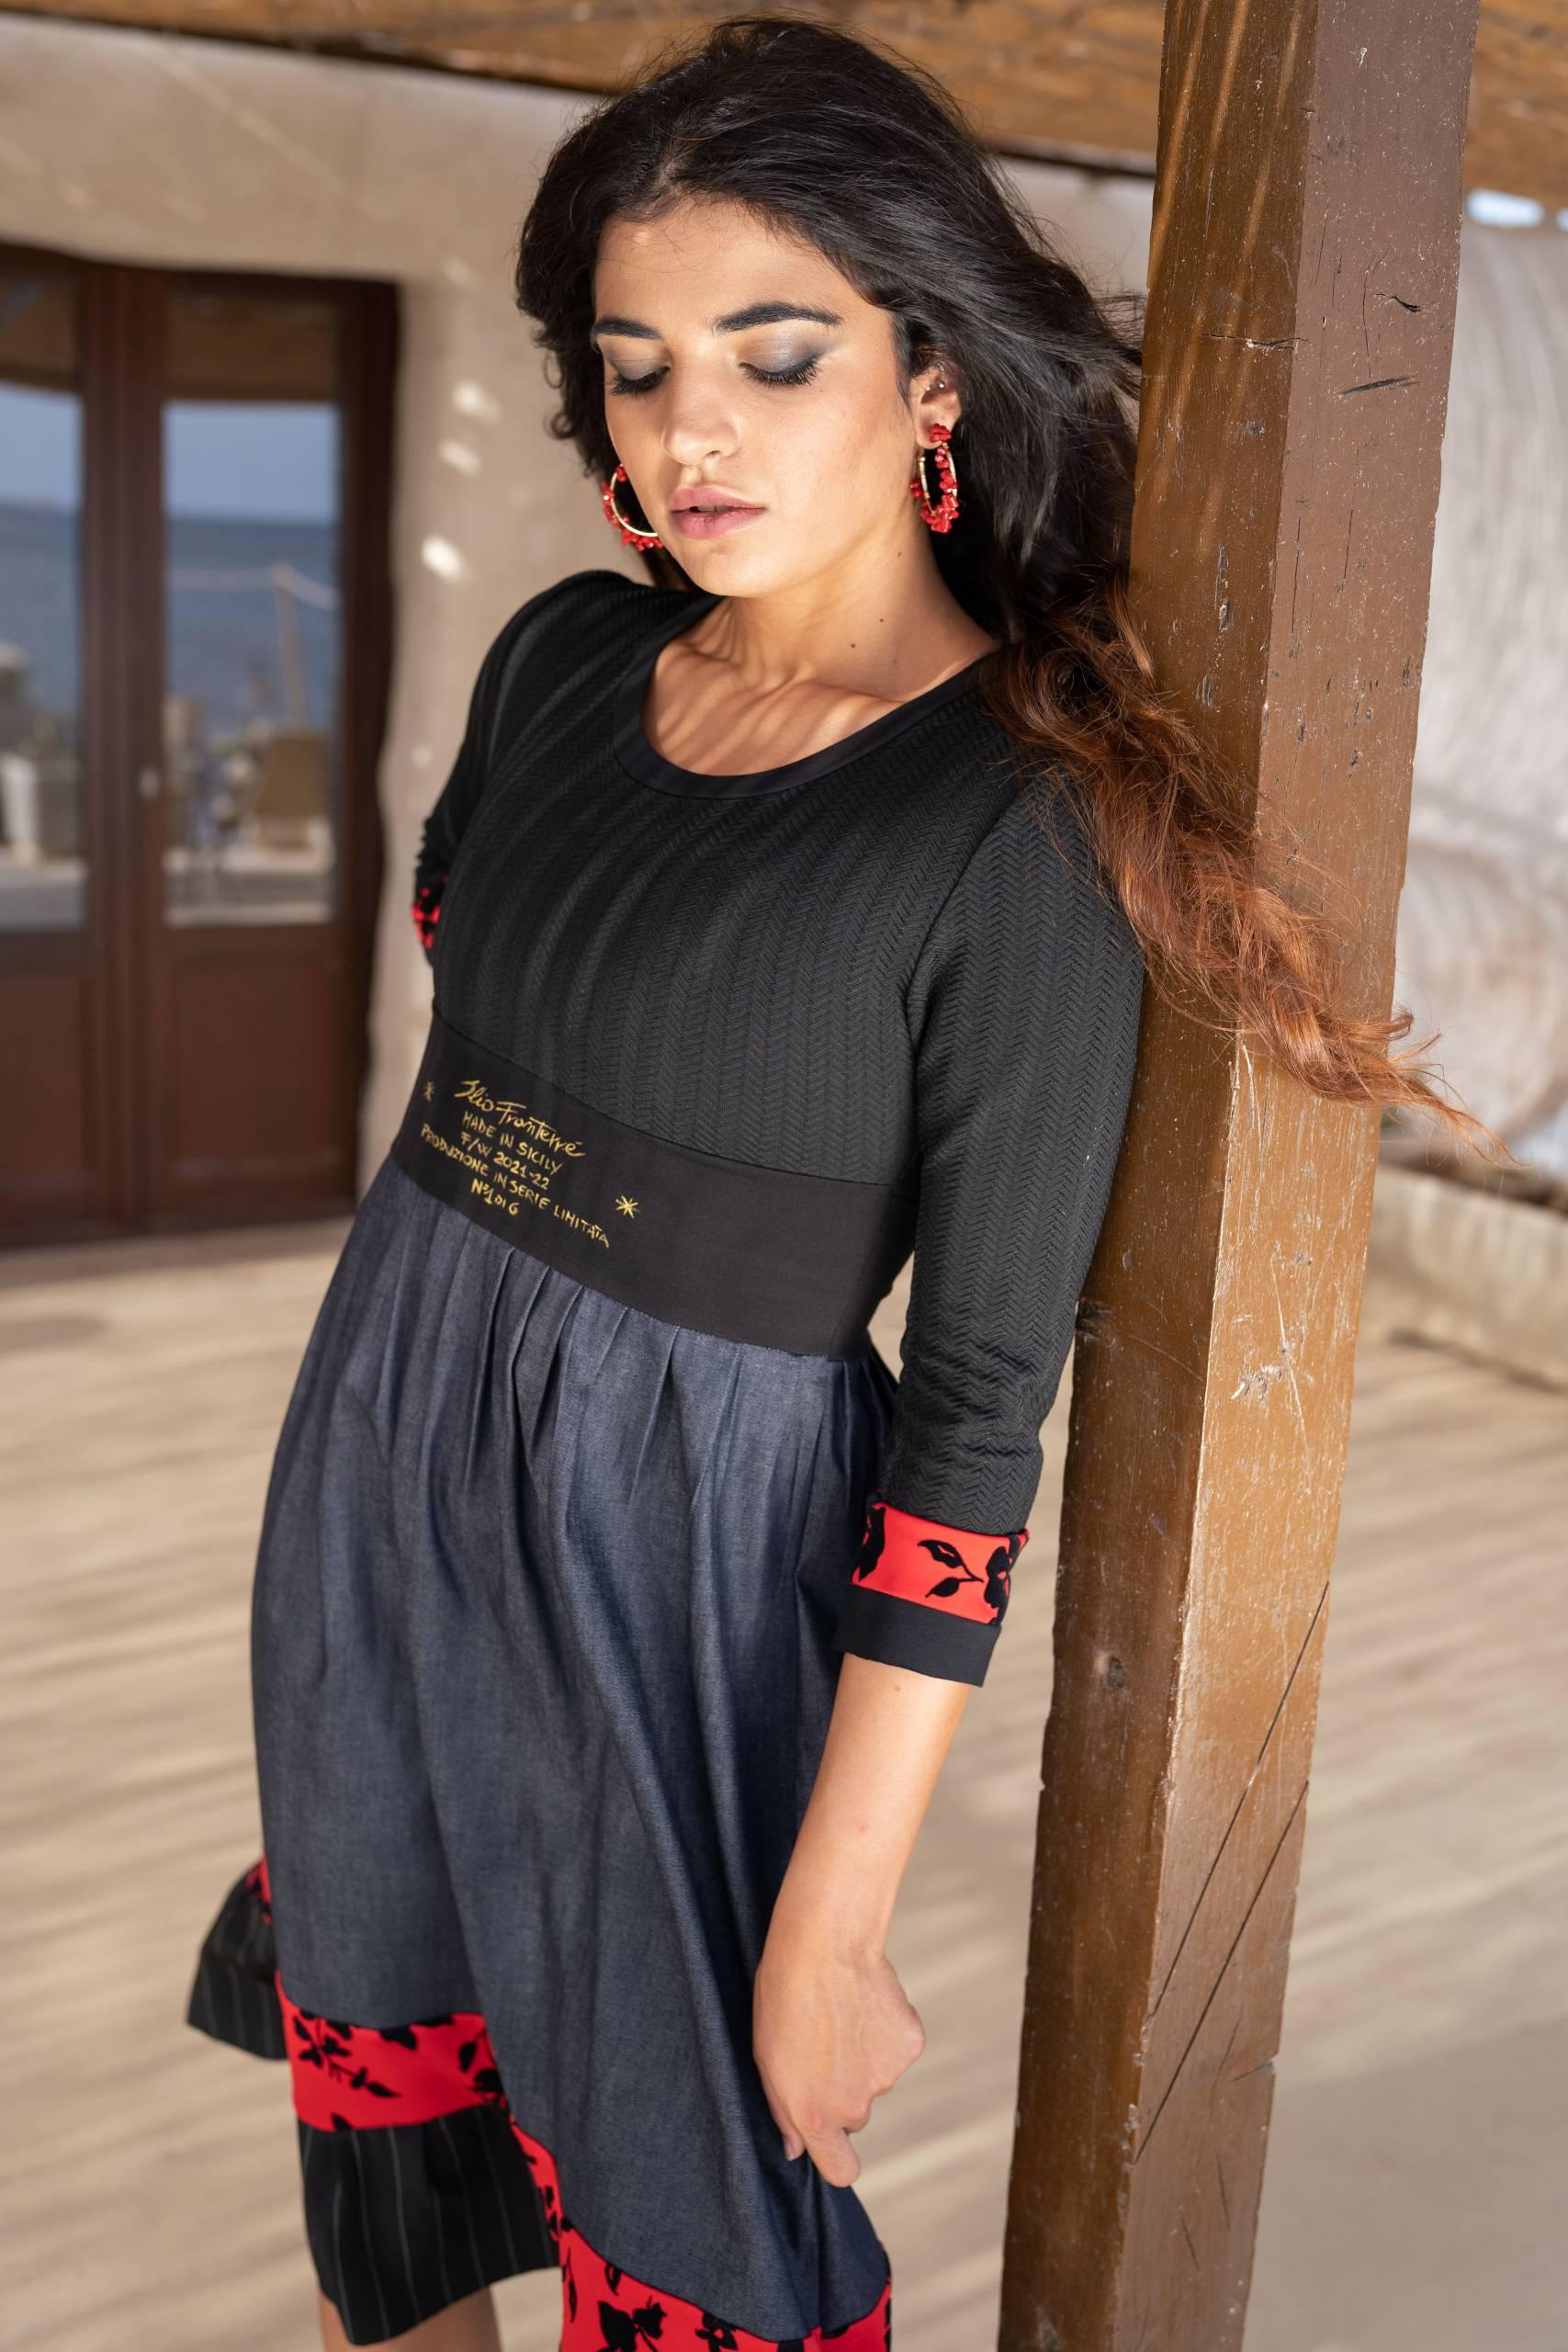 Fashion Abiti Donna madeinItaly sicilia Online Collezione Autunno Inverno 2021 Elio Fronterre Limited Edition Remix 12 scaled